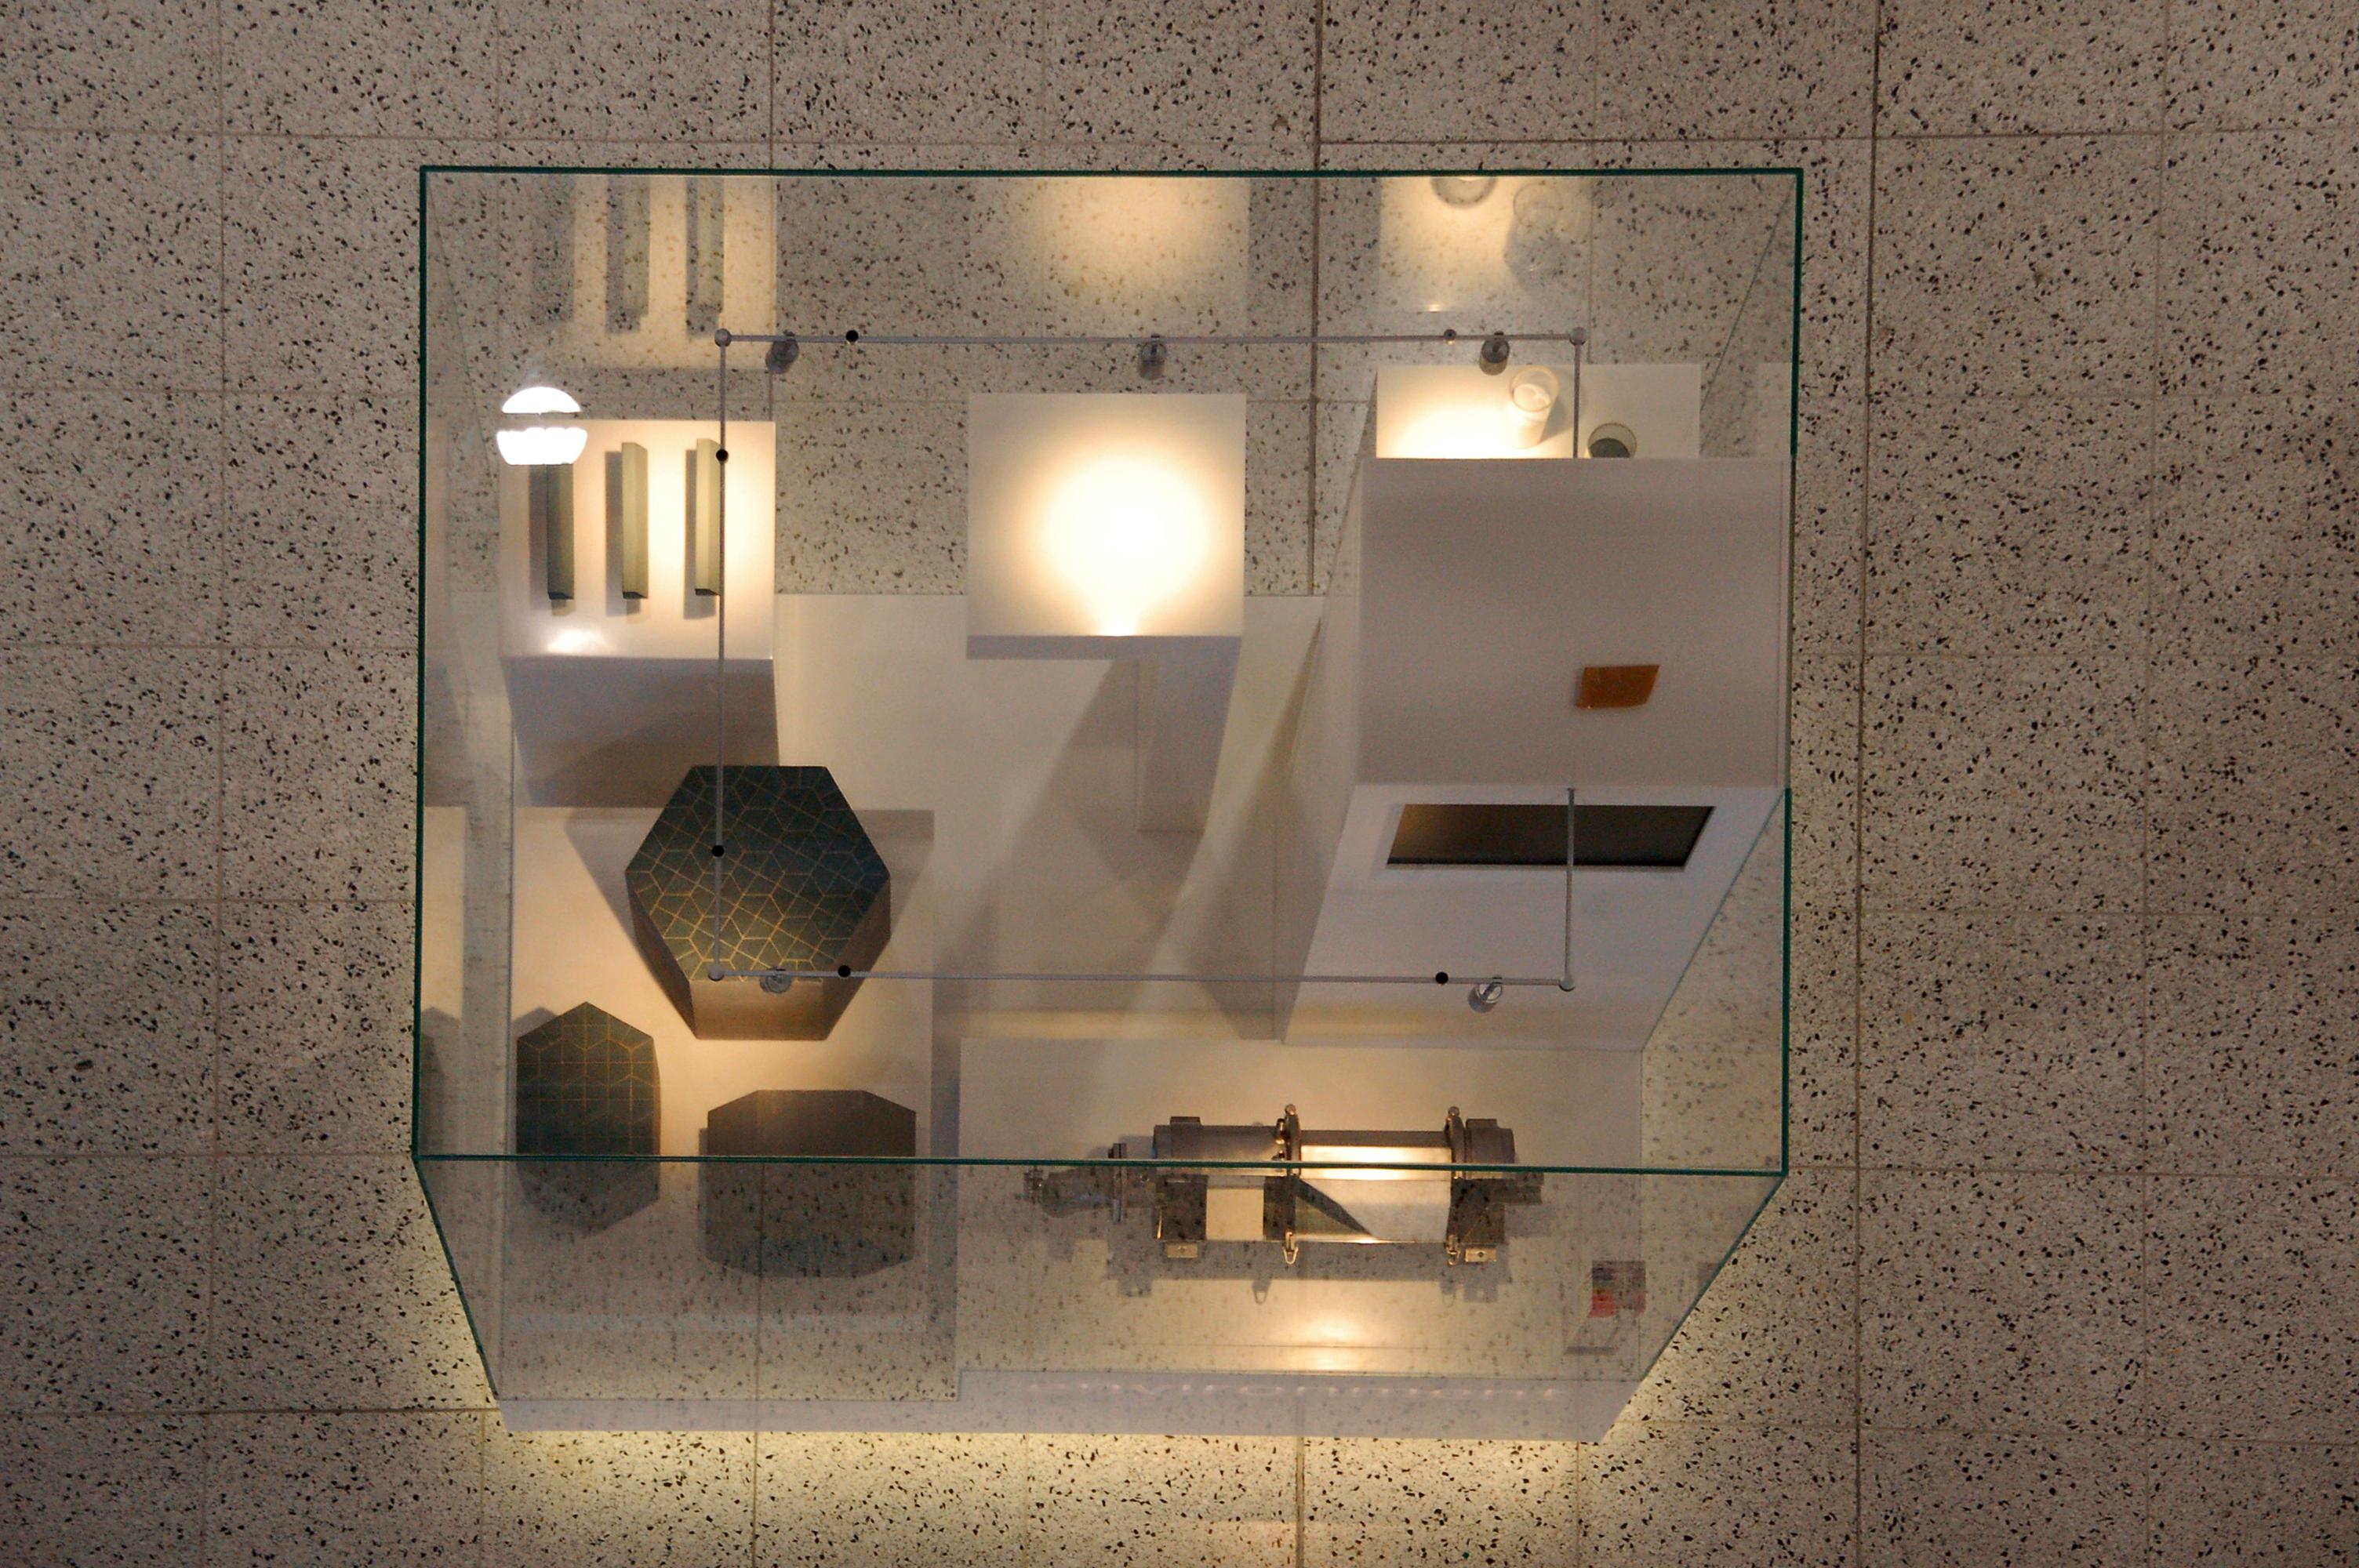 Ausstellungskasten, Fraunhofer IKTS in Dresden